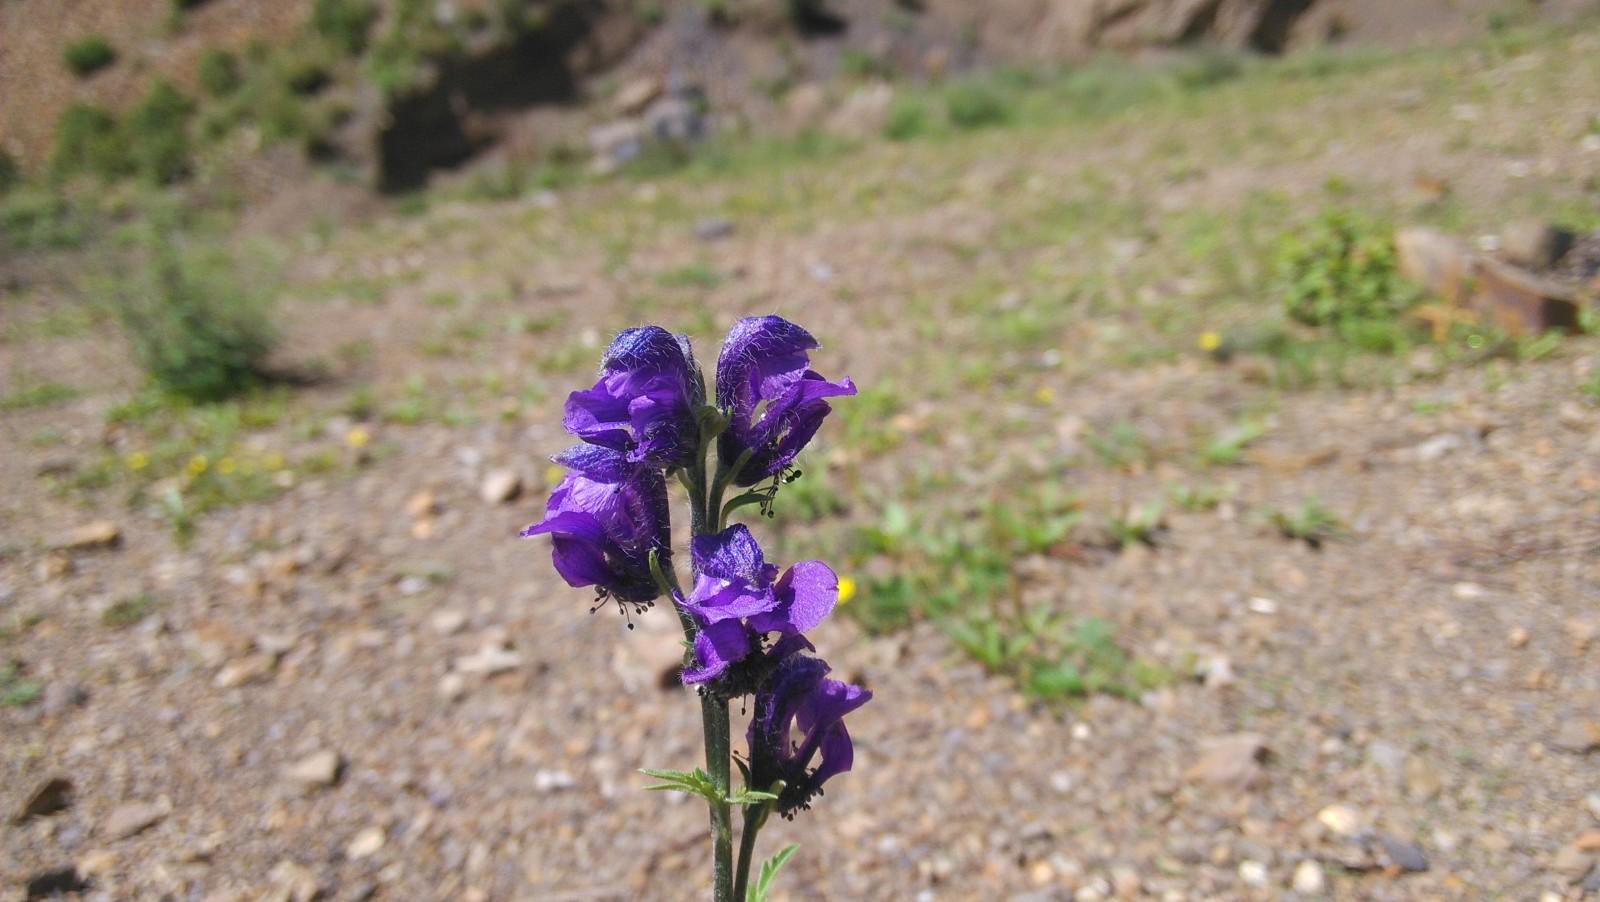 一朵紫色的花,独尊一地,颇显高贵